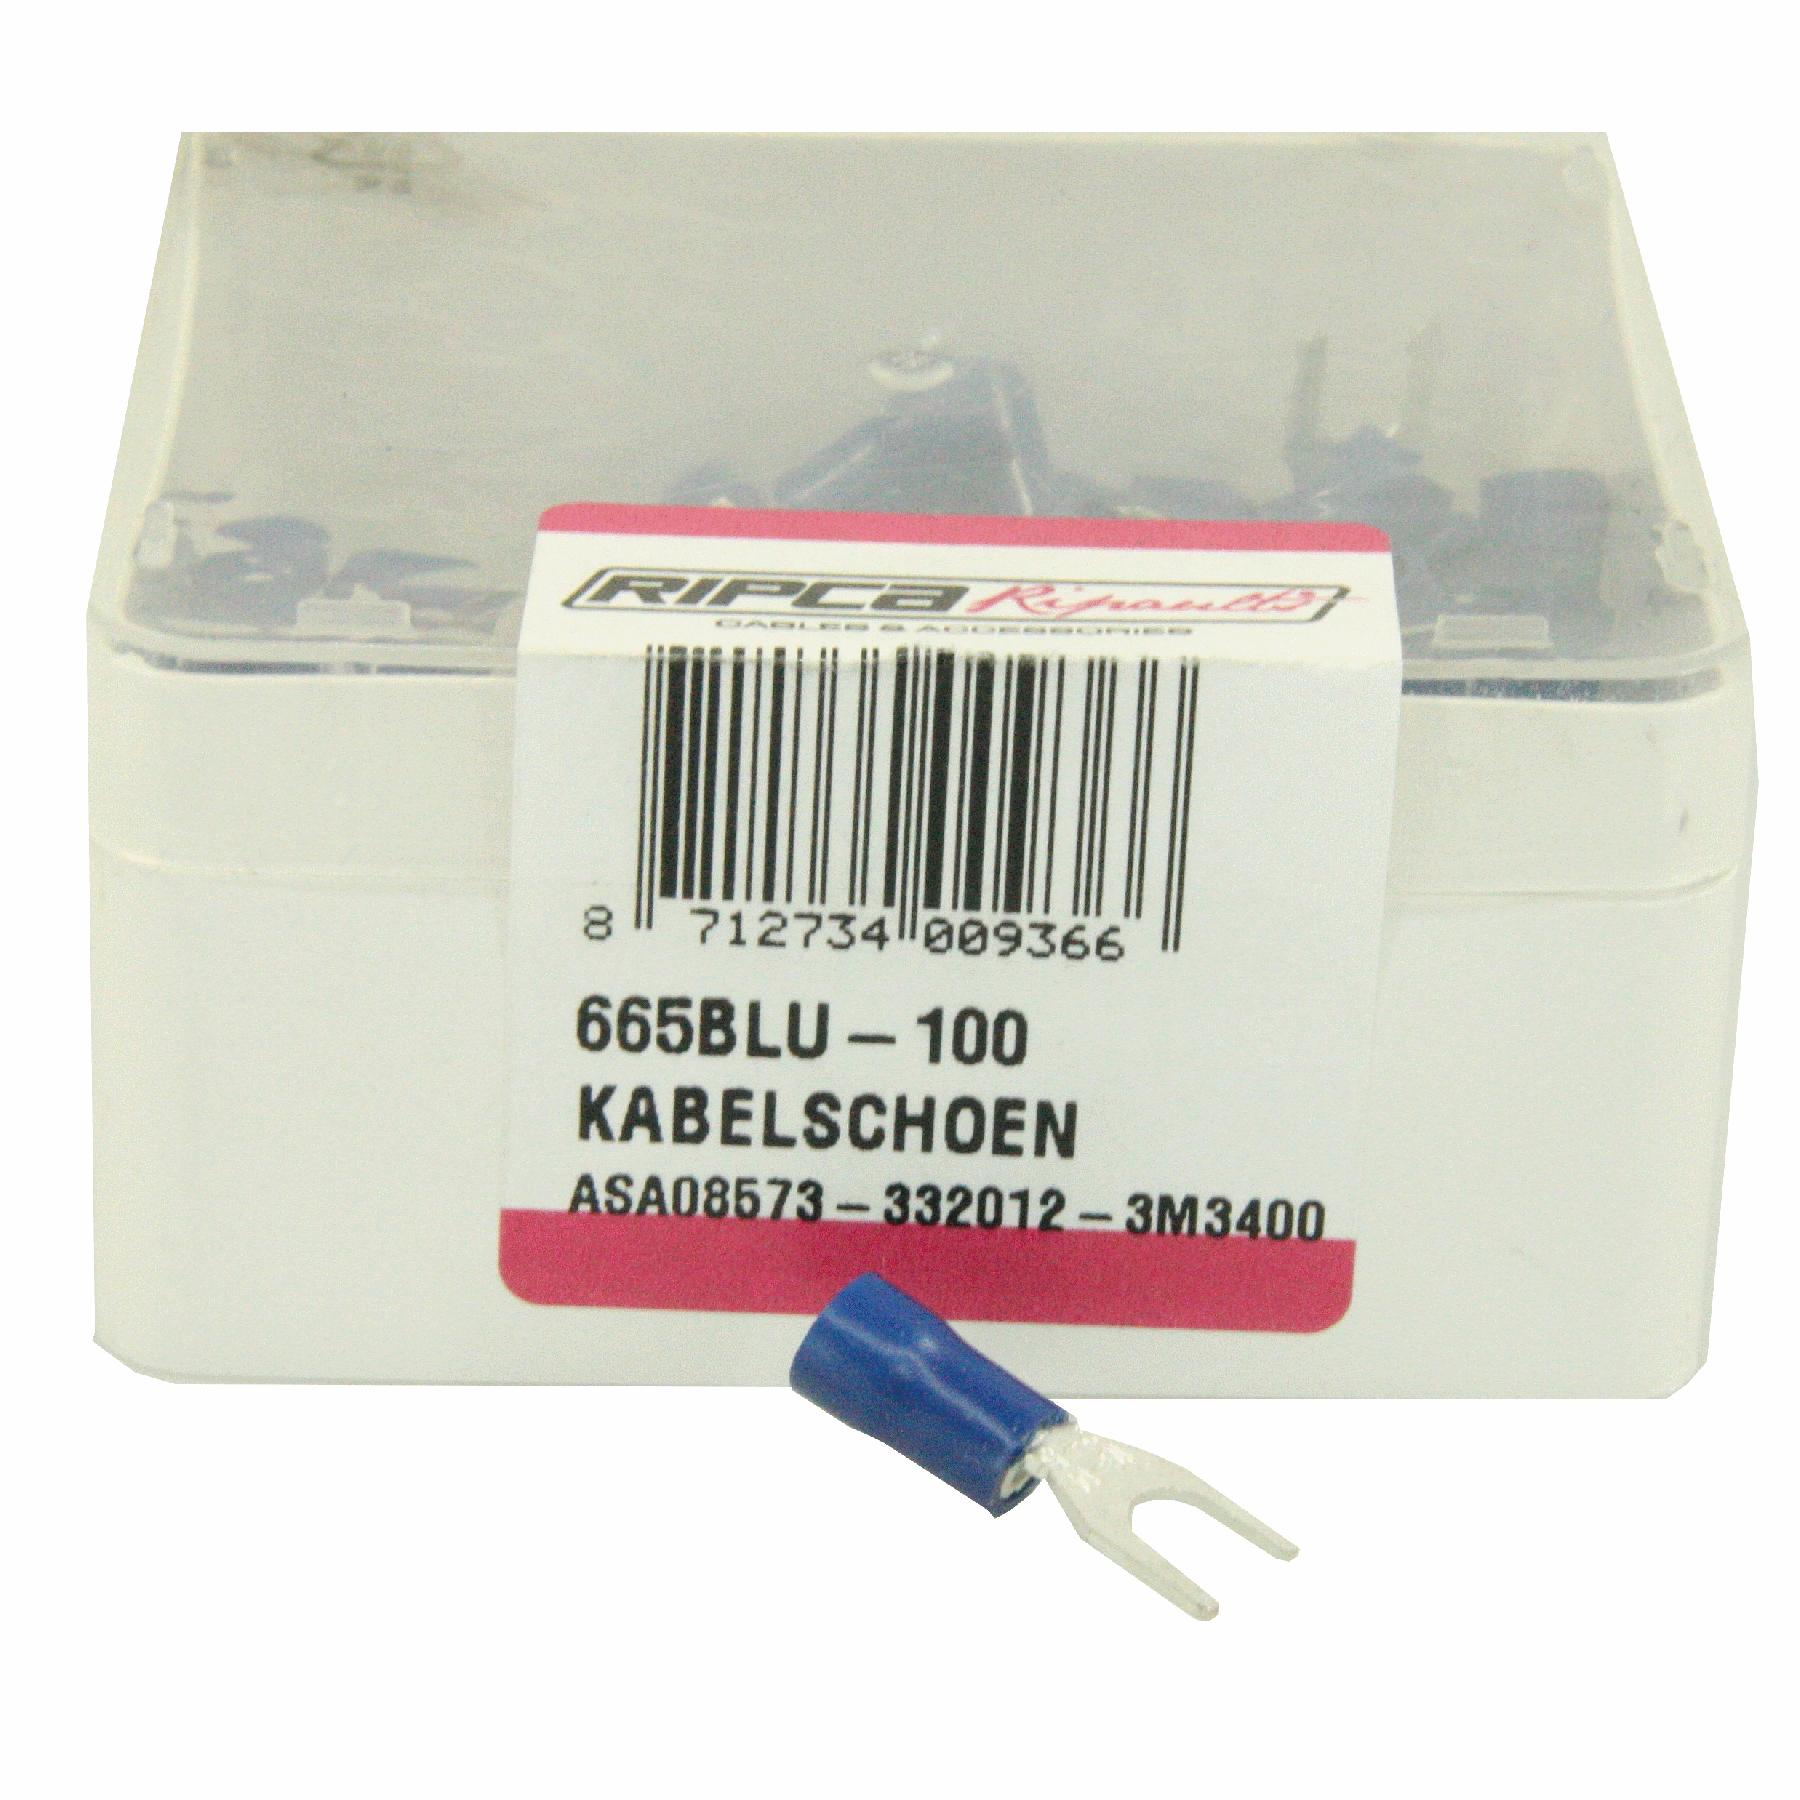 ds. Kabelschoenen 665 (100) vork 5.3 mm